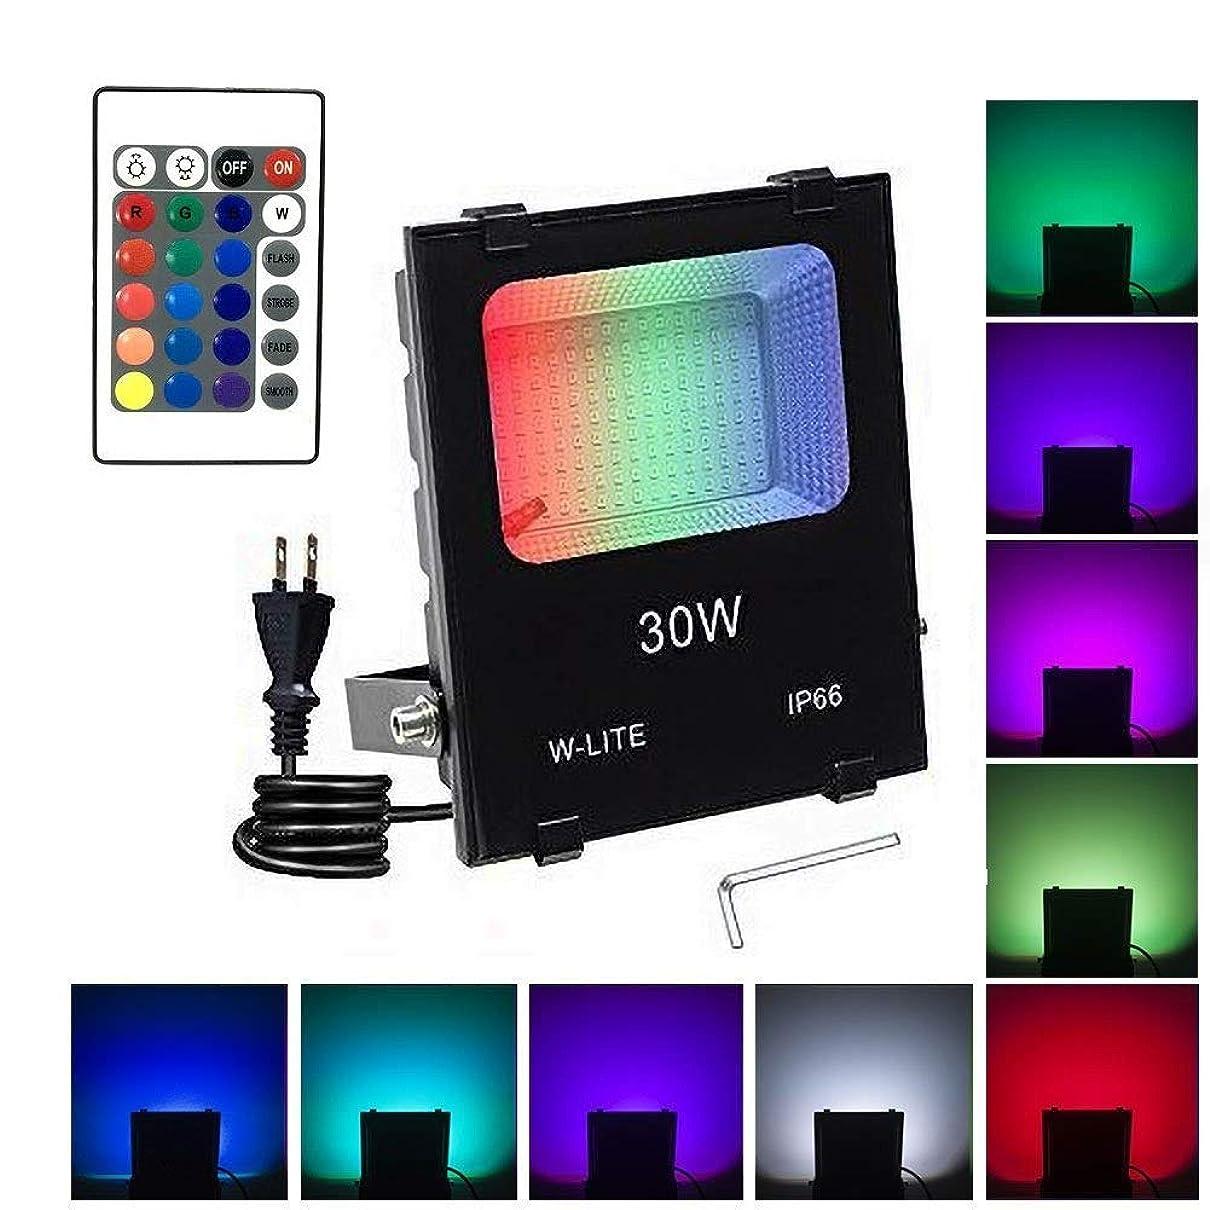 朝の体操をする出血説明的RGB投光器 16色切り替え可能 LEDフラッドライト リモコン付き ACプラグ付属(1m) 30W [並行輸入品]